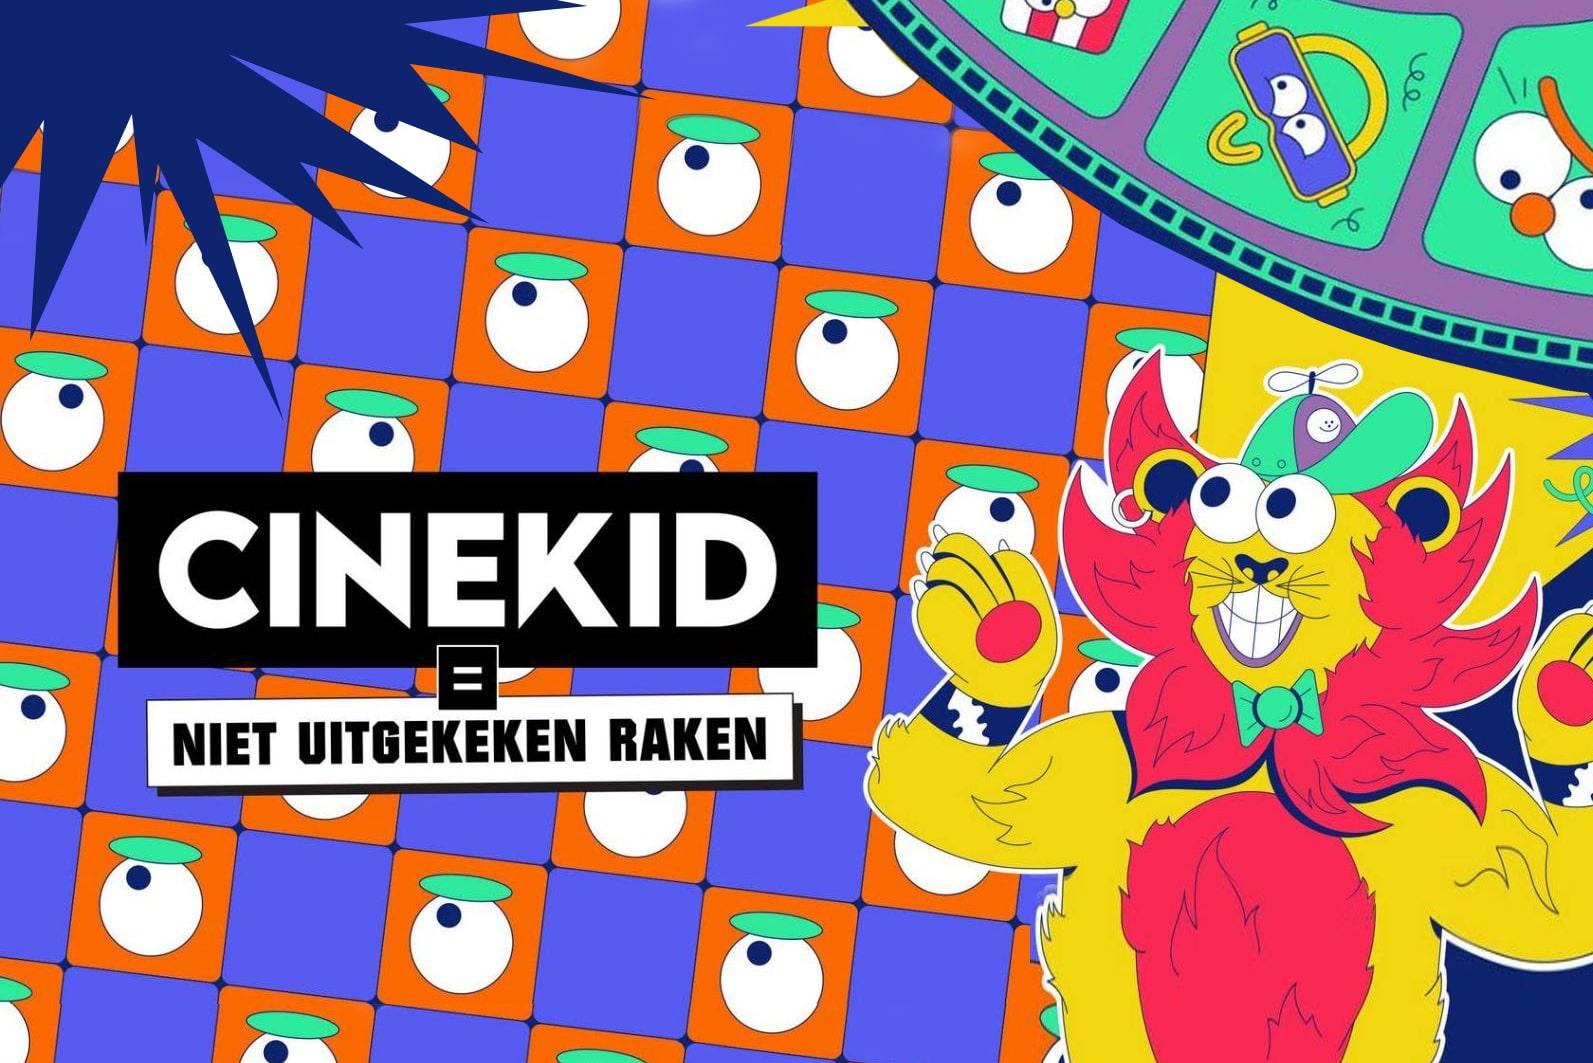 ВНидерландах пройдет фестиваль Cinekid